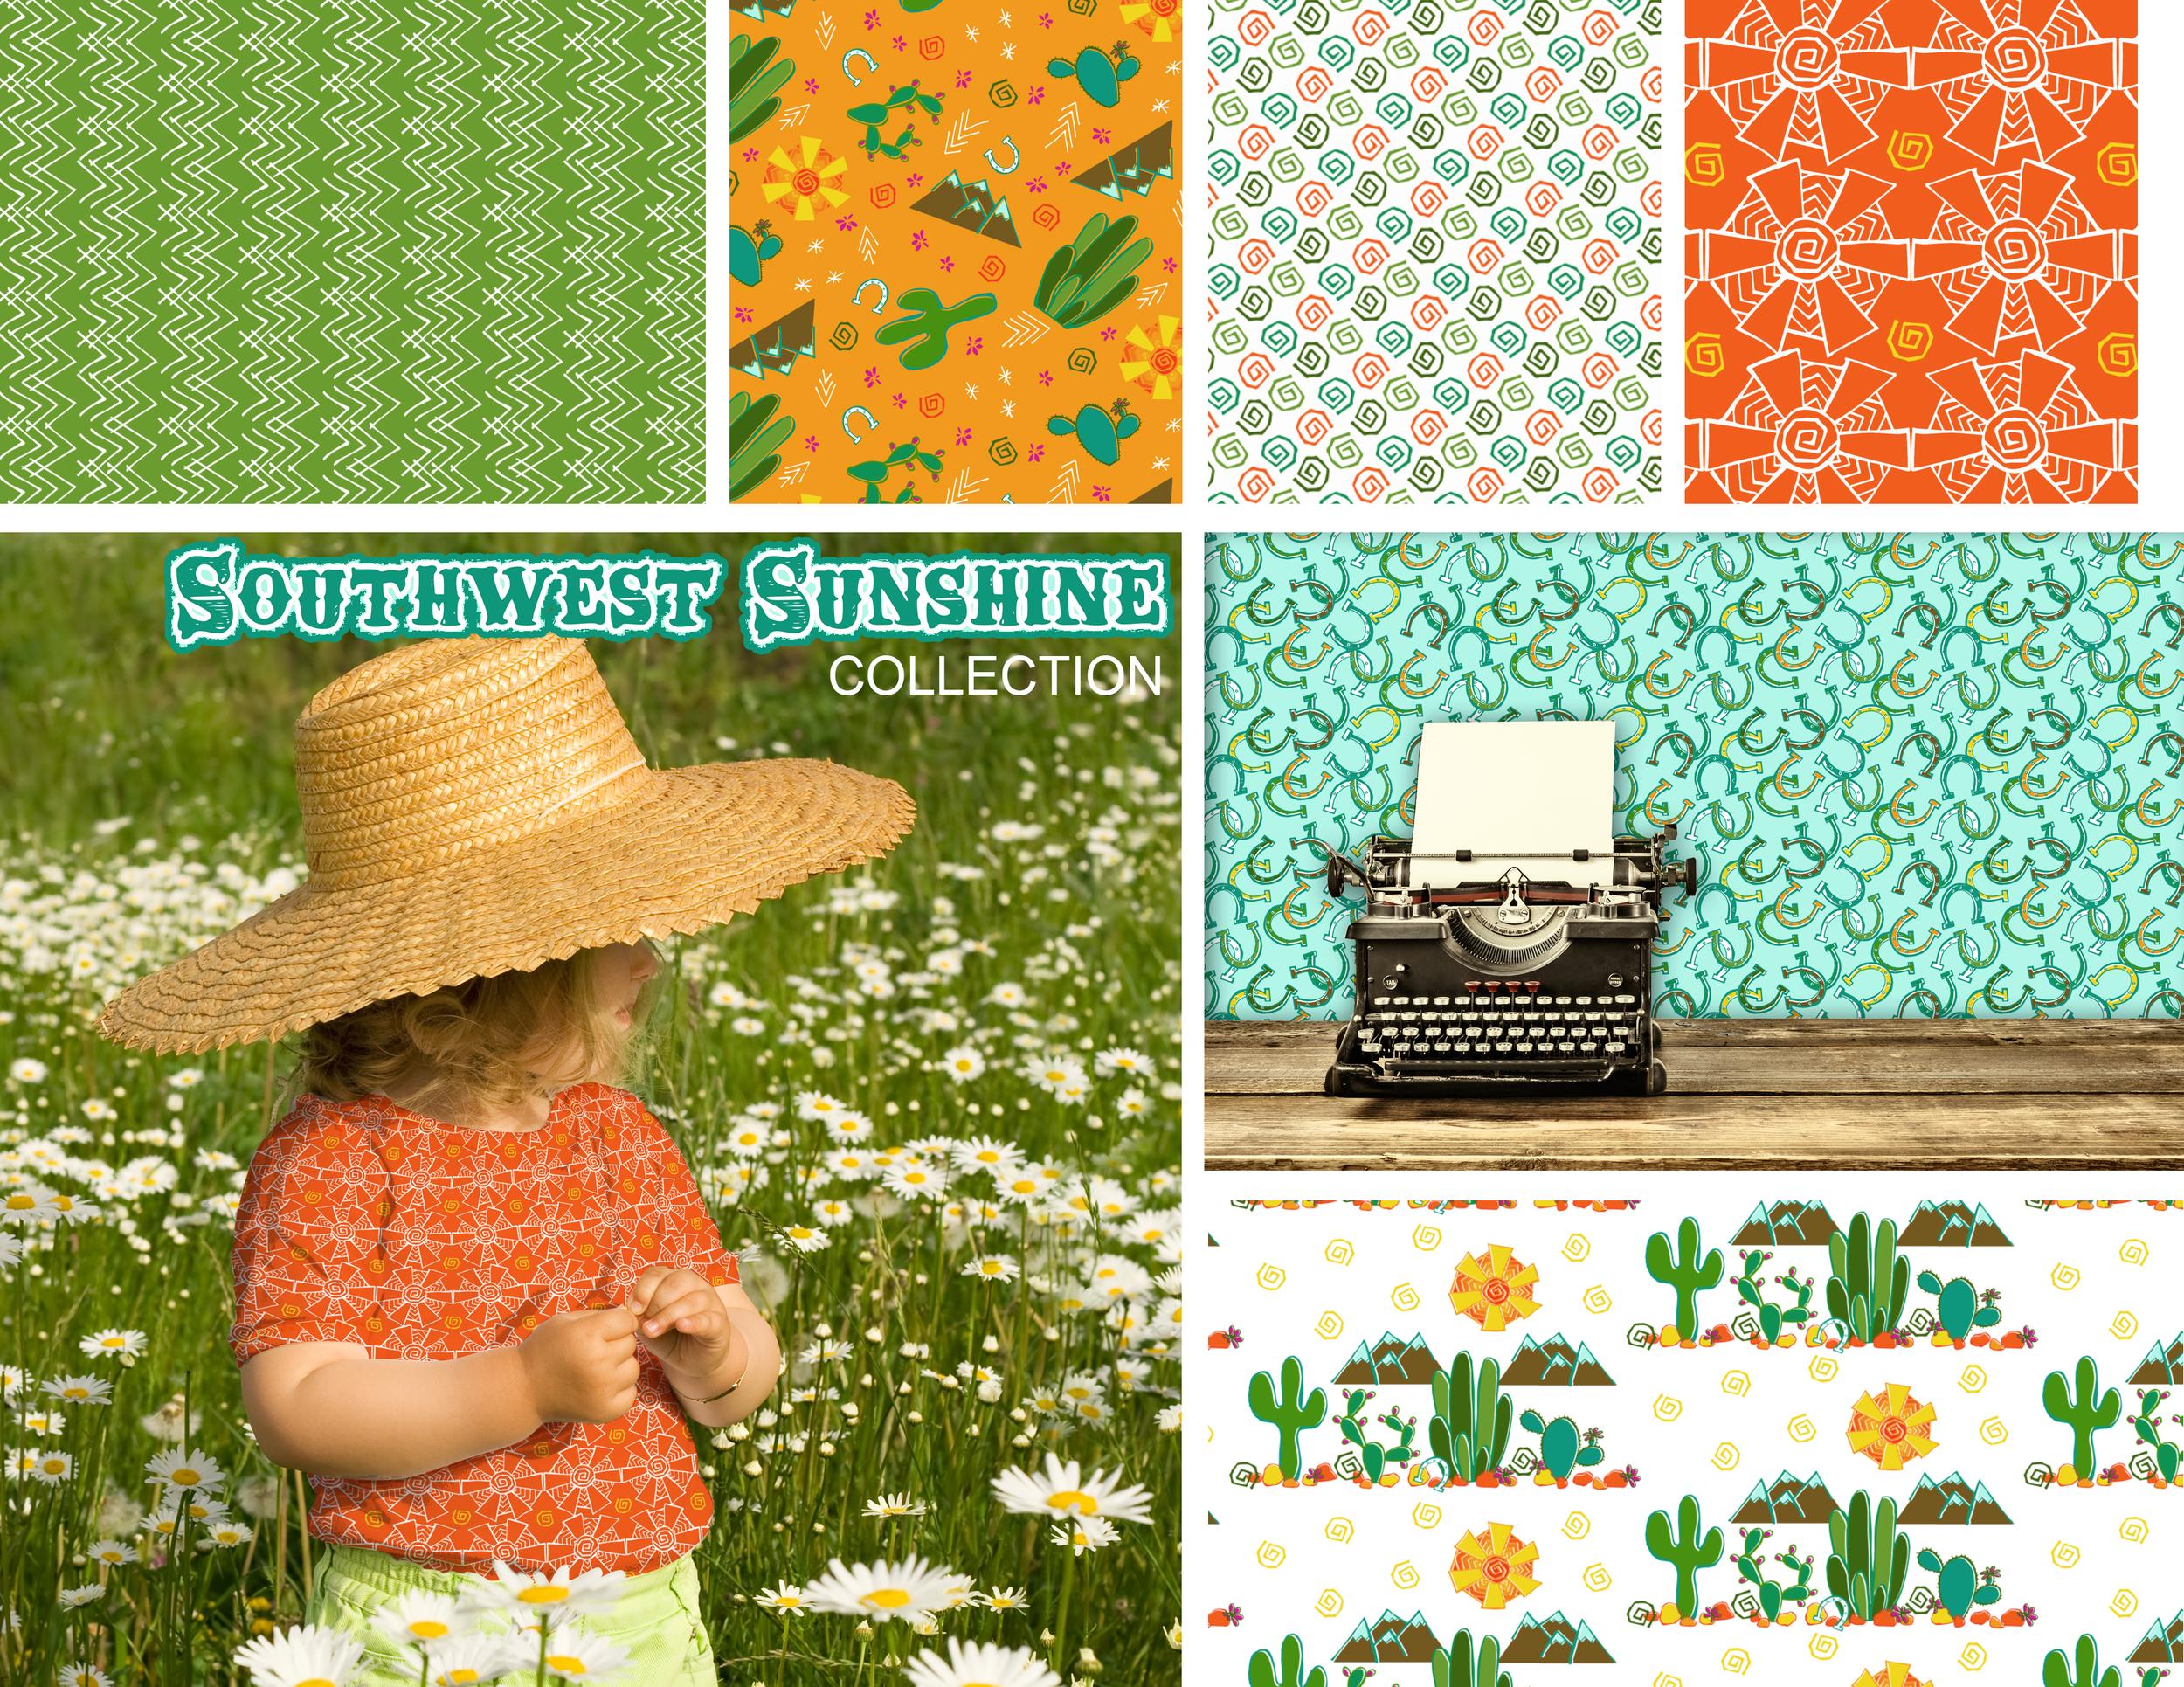 9 southwest sunshine patterned mockups1.jpg